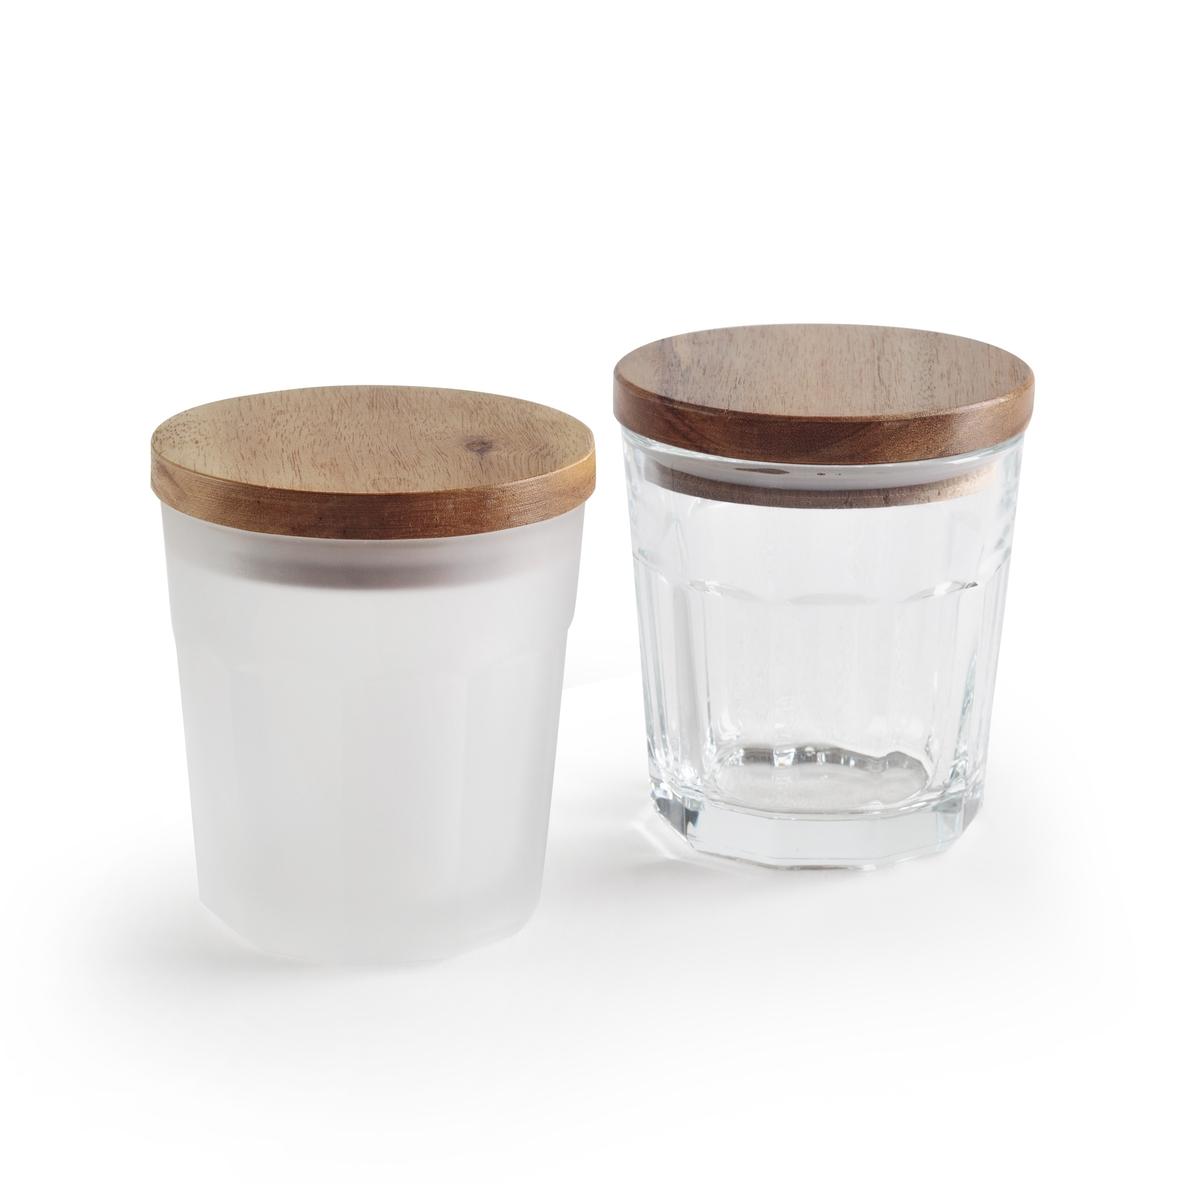 Банка для хранения POTIA (2 шт.)Описание:Комплект из 2 банок для хранения La Redoute Interieurs, в стиле банки из-под варенья.Характеристики 2 банок для хранения : •  Деревянная крышка с каучуковой прокладкой •  Банка из стекла •  Одна банка из матового стекла и одна банка из прозрачного стекла •  Подходит для мытья в посудомоечной машинеРазмеры 2 банок для хранения : •  Диаметр: 10,5 cм •  Высота : 12 смВсю коллекцию столового декора вы найдете на сайте laredoute.<br><br>Цвет: белый/прозрачный